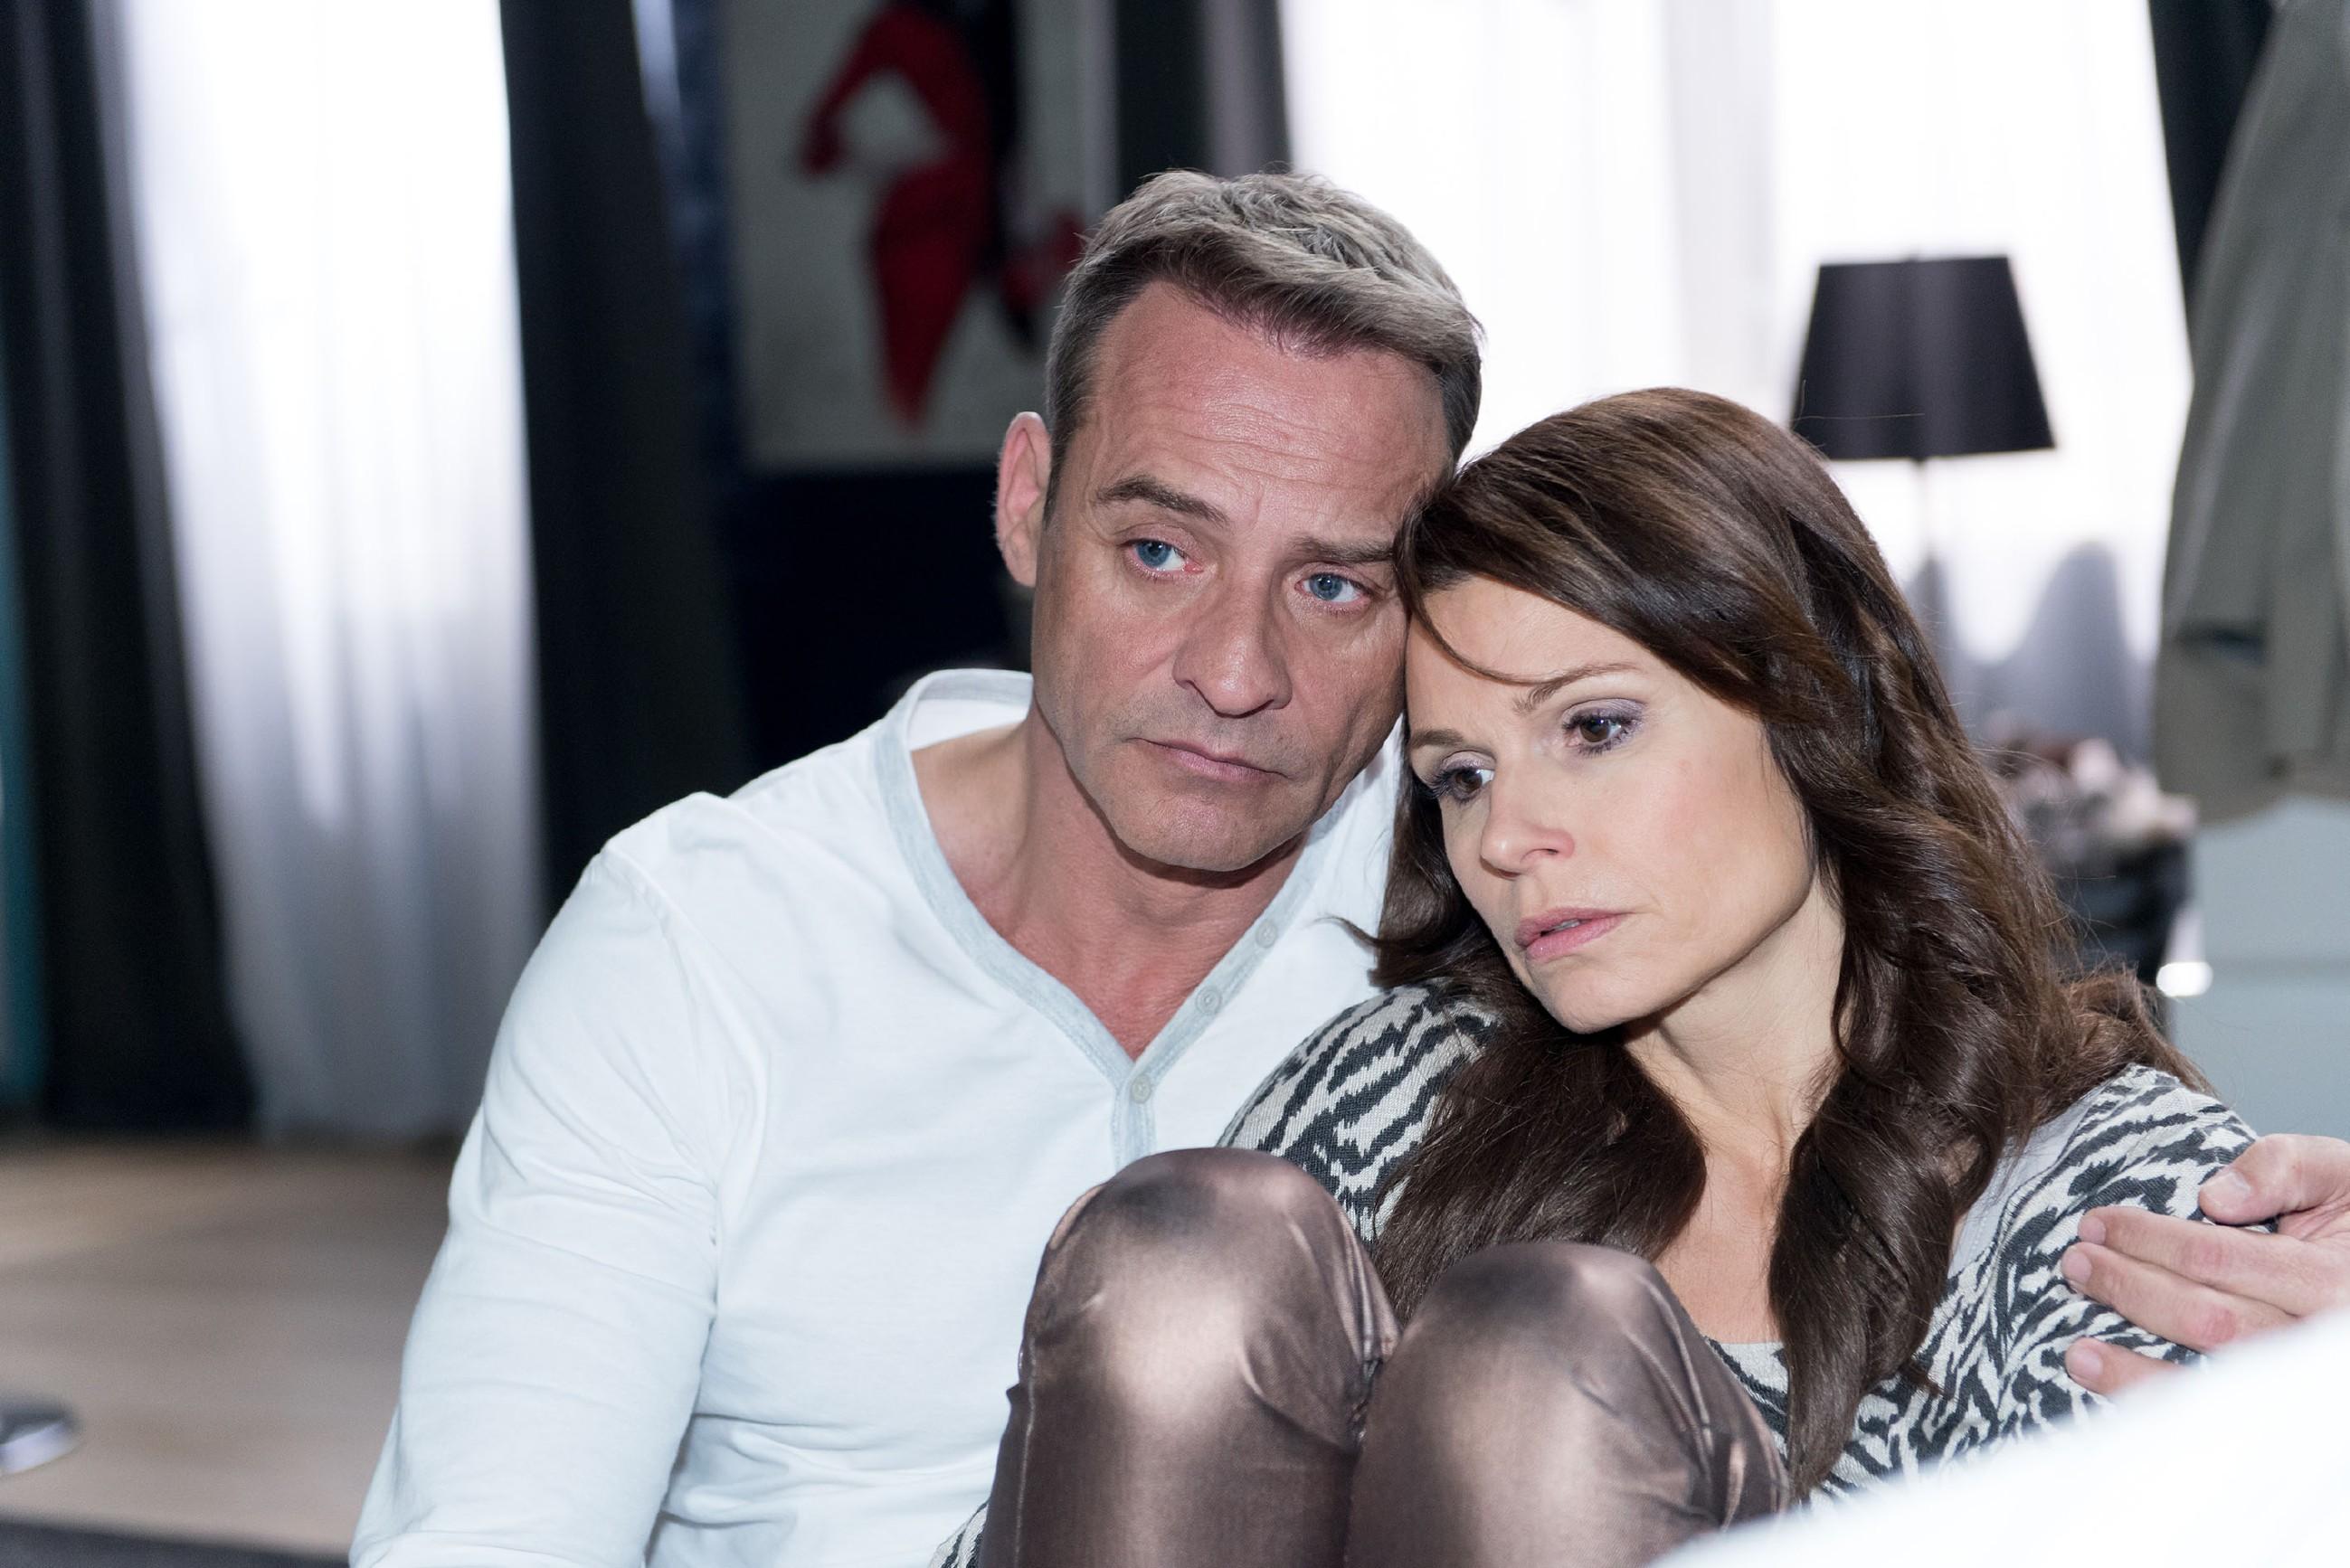 Als Britta (Tabea Heynig) ihm ihr Leid klagt, beschleicht Rufus (Kai Noll) ob der geplanten Veröffentlichung seiner Geschichte das schlechte Gewissen. (Quelle: RTL / Stefan Behrens)